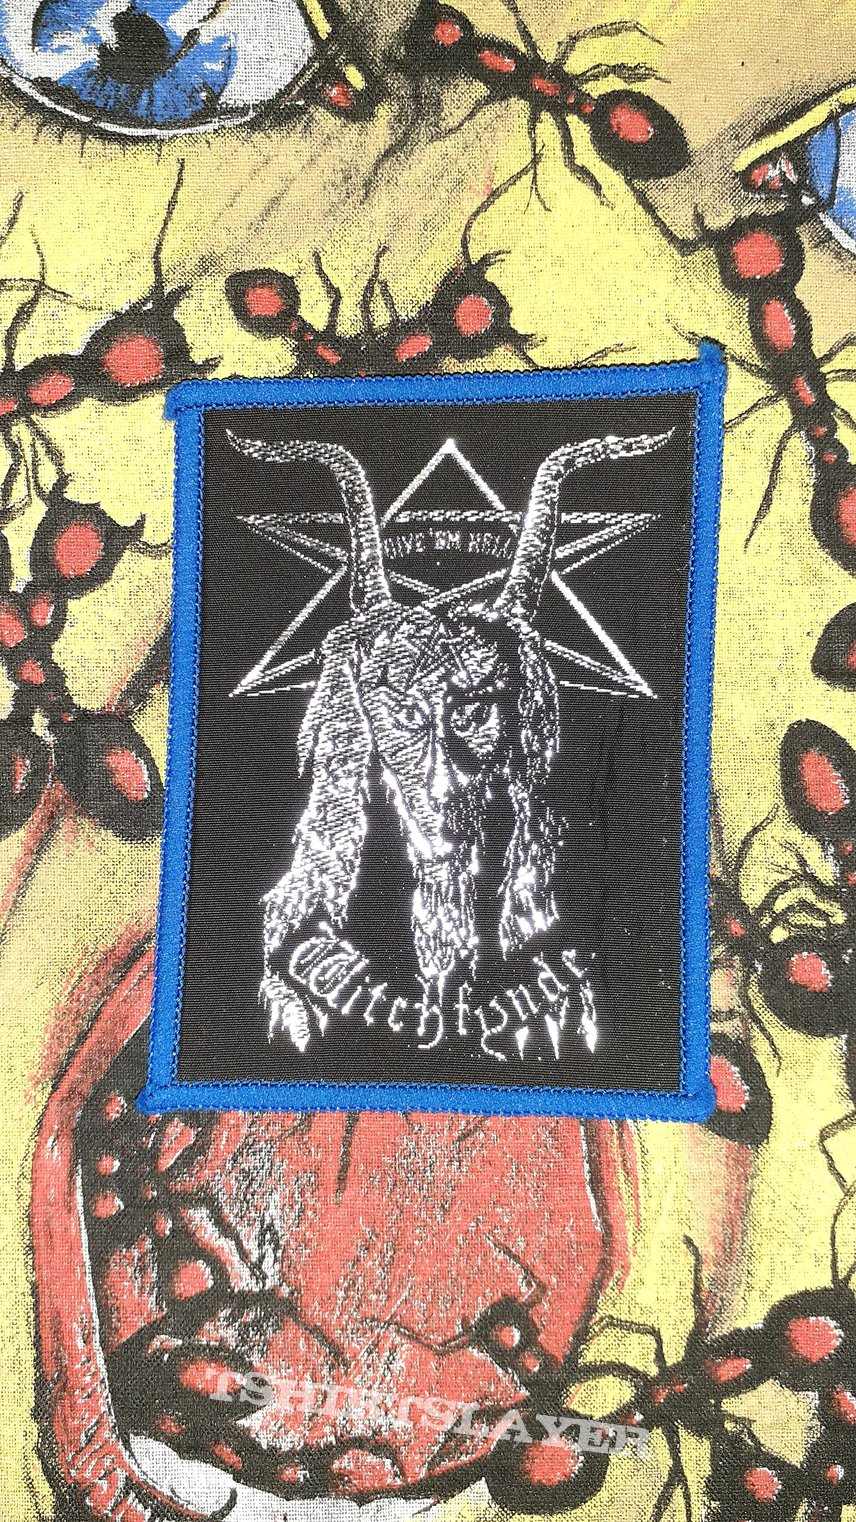 Witchfynde - Give 'Em Hell Patch 1980